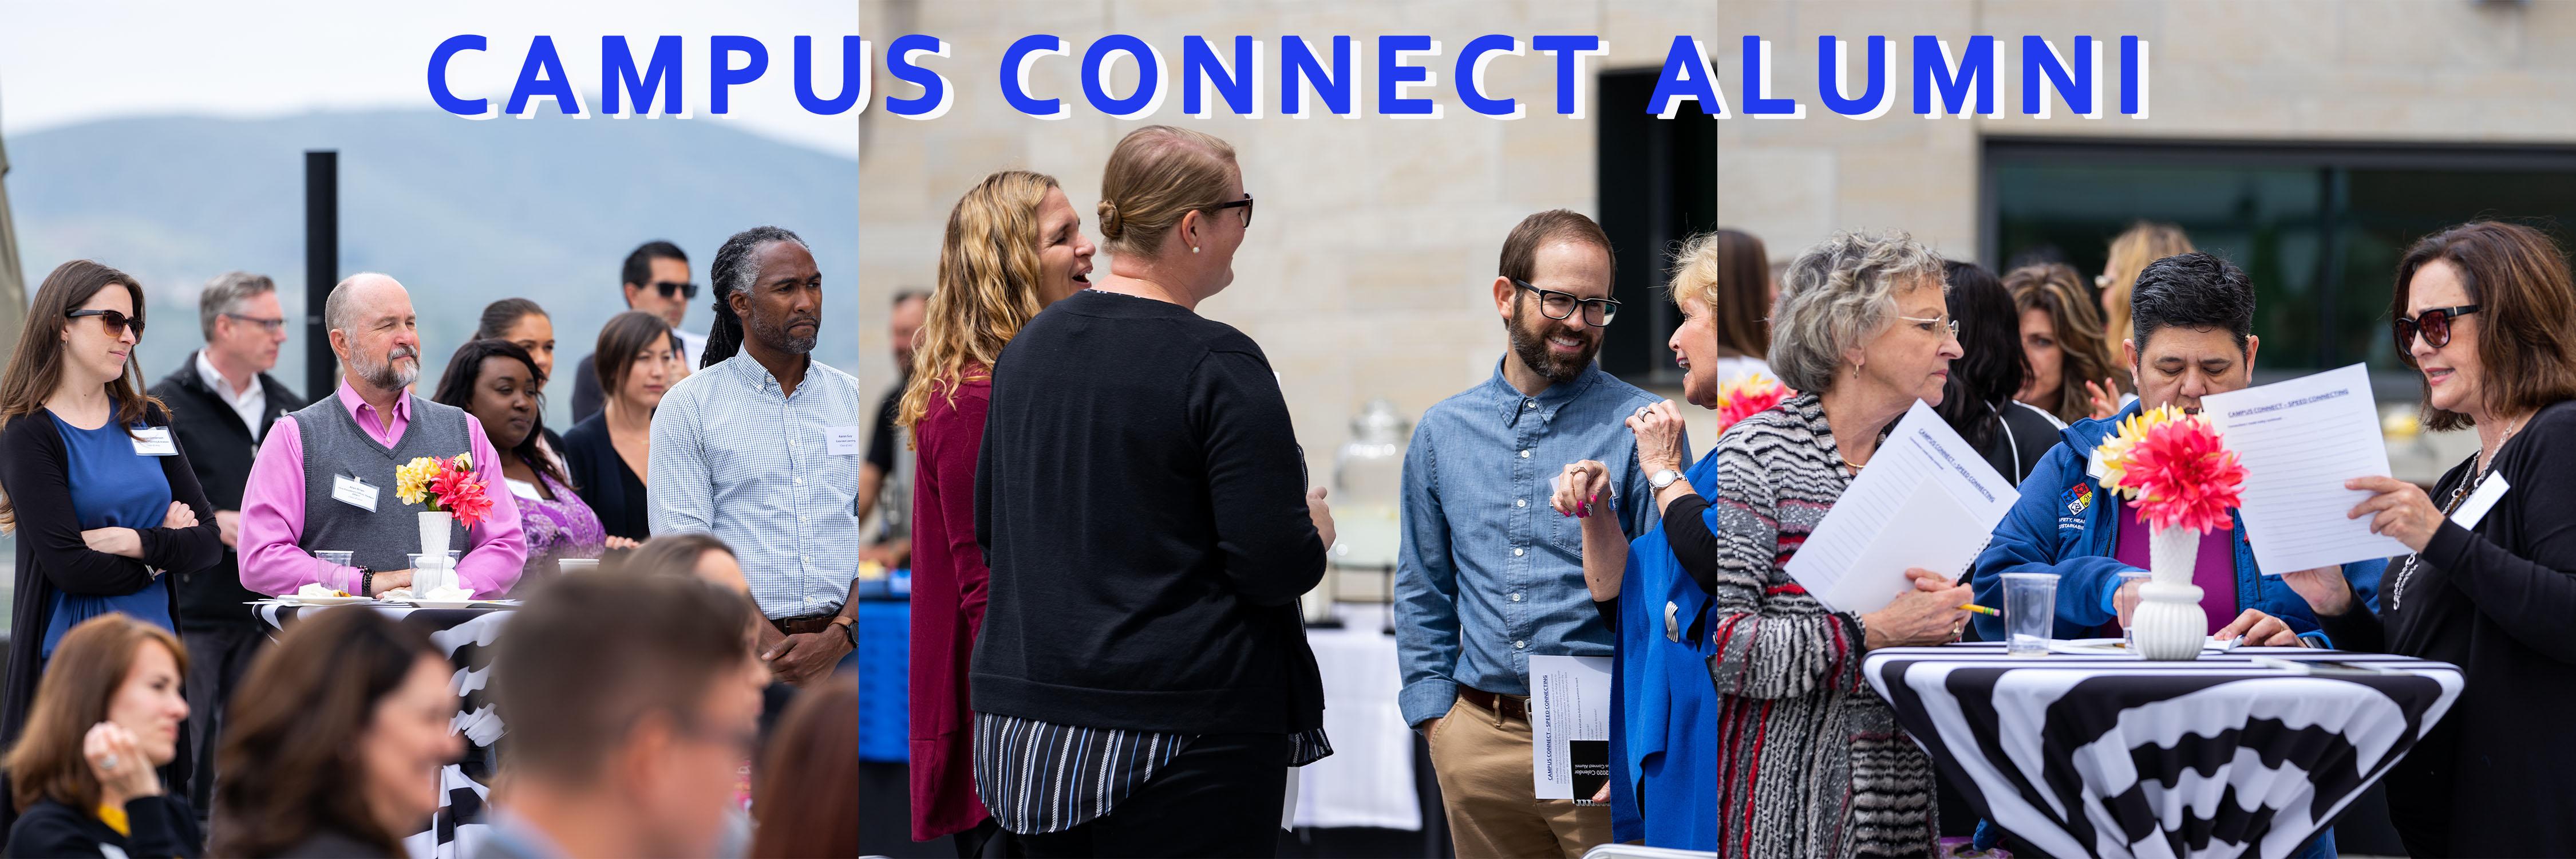 Csusm Graduation 2020.Alumni Campus Connect Csusm